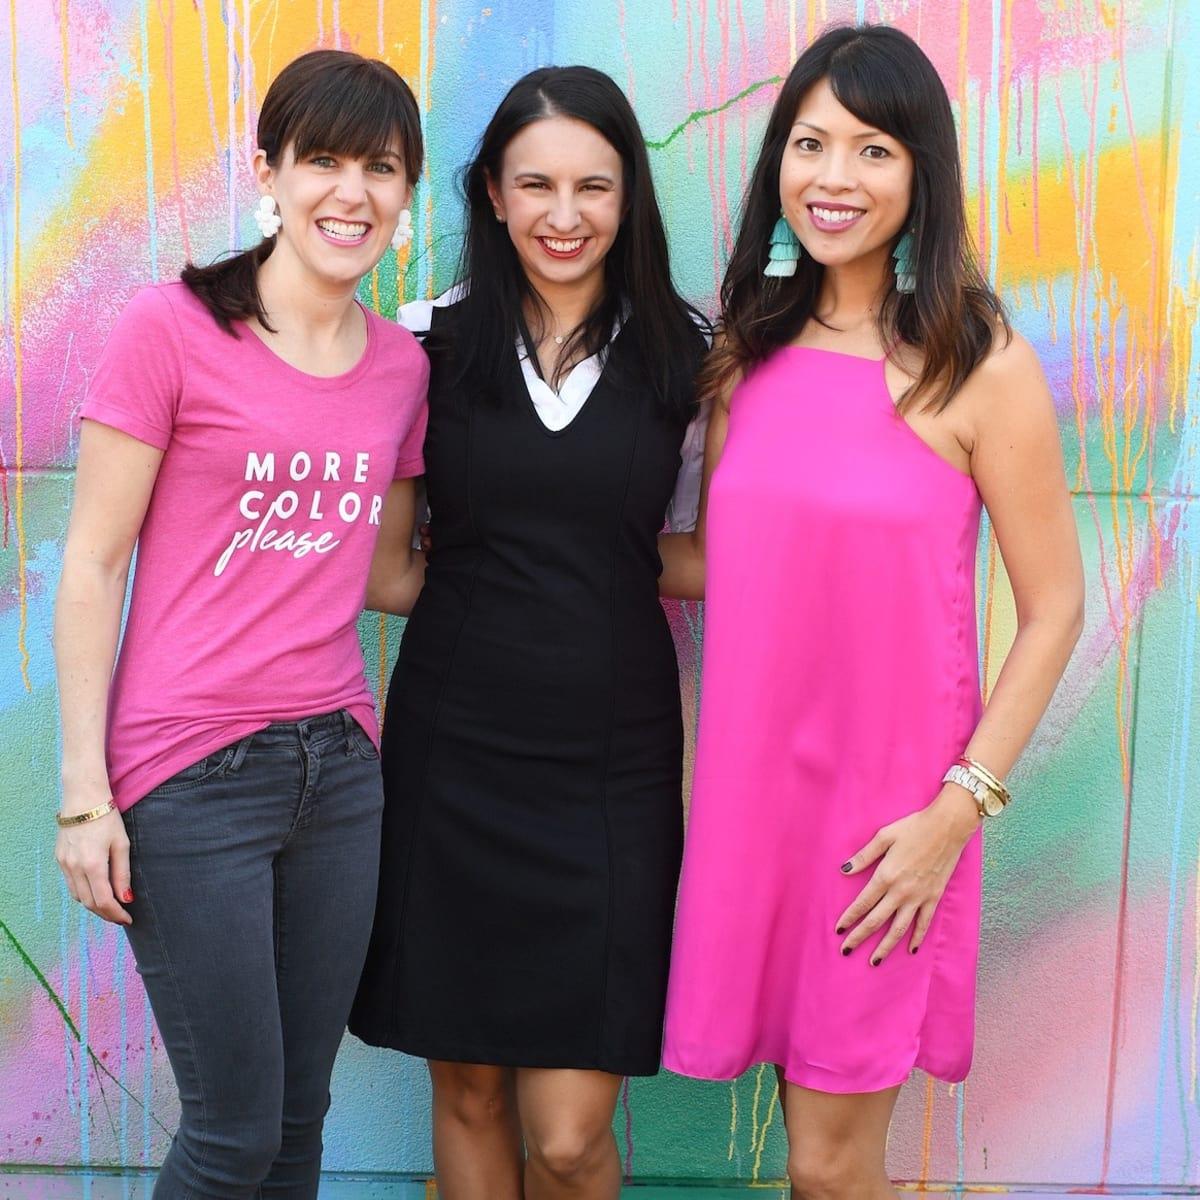 Lauren Mills, Laura Neiman, Nancy Bihlmaier at More Color Please launch